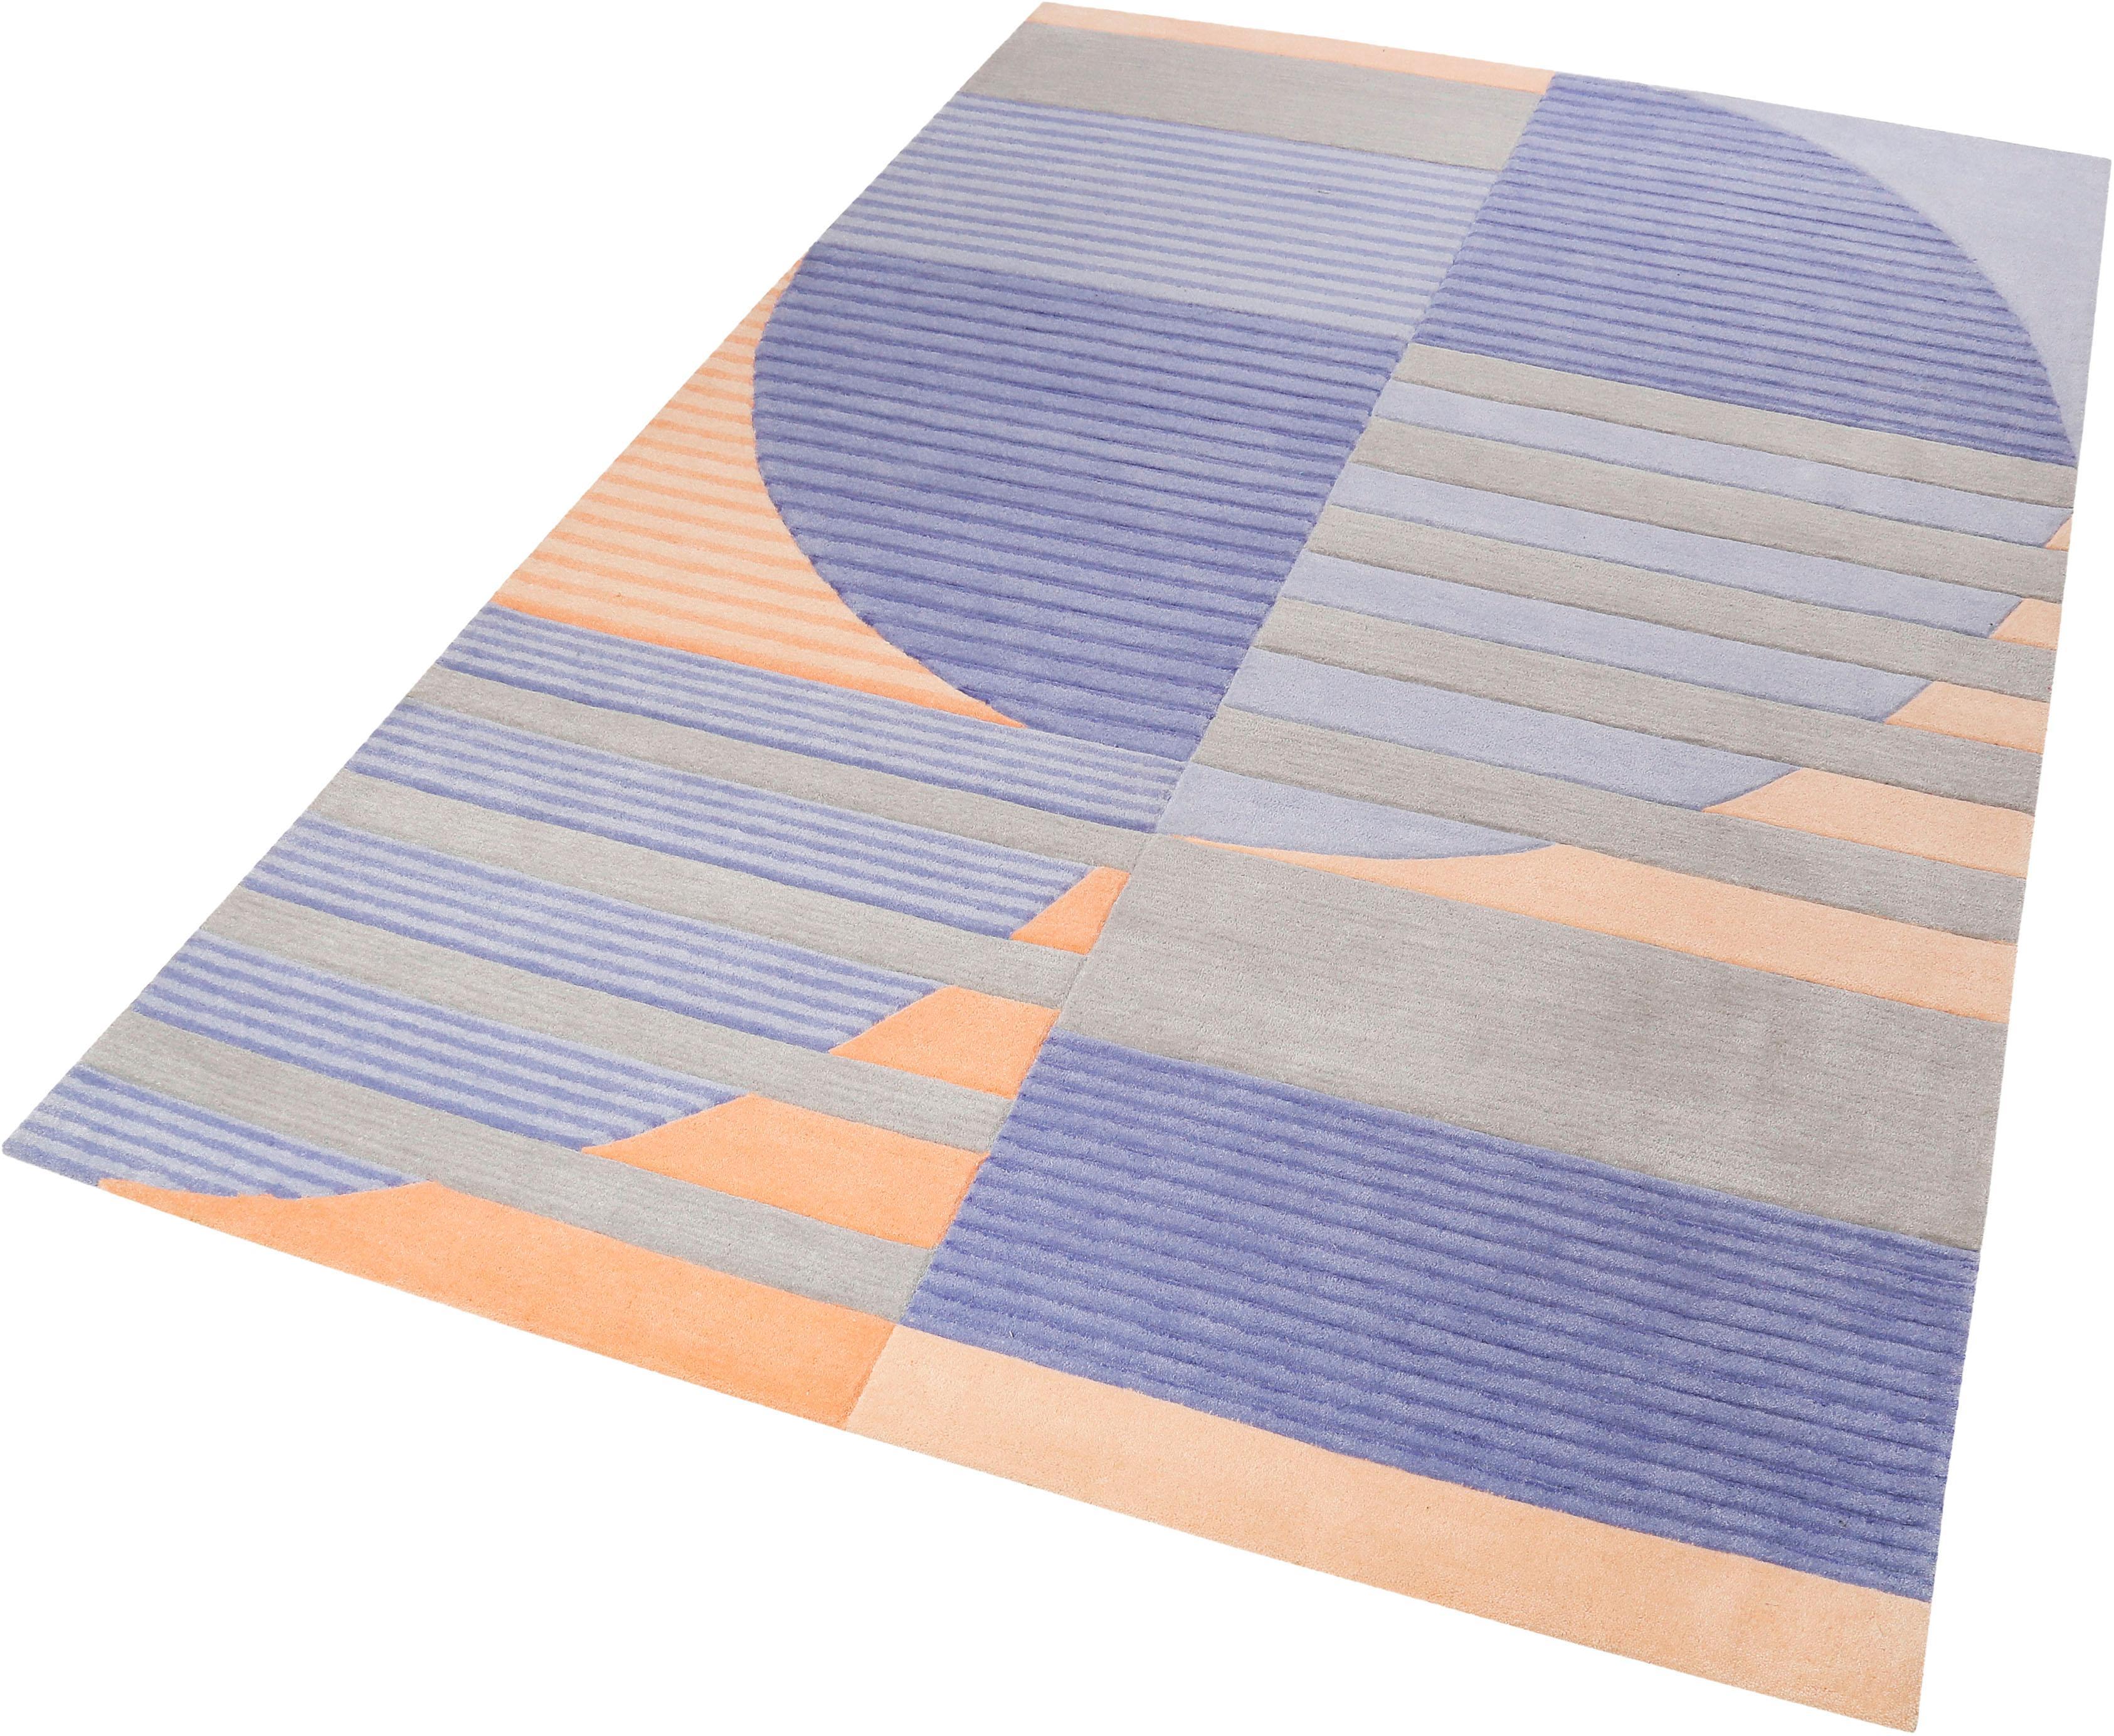 Teppich Skybase Esprit rechteckig Höhe 9 mm maschinell getuftet